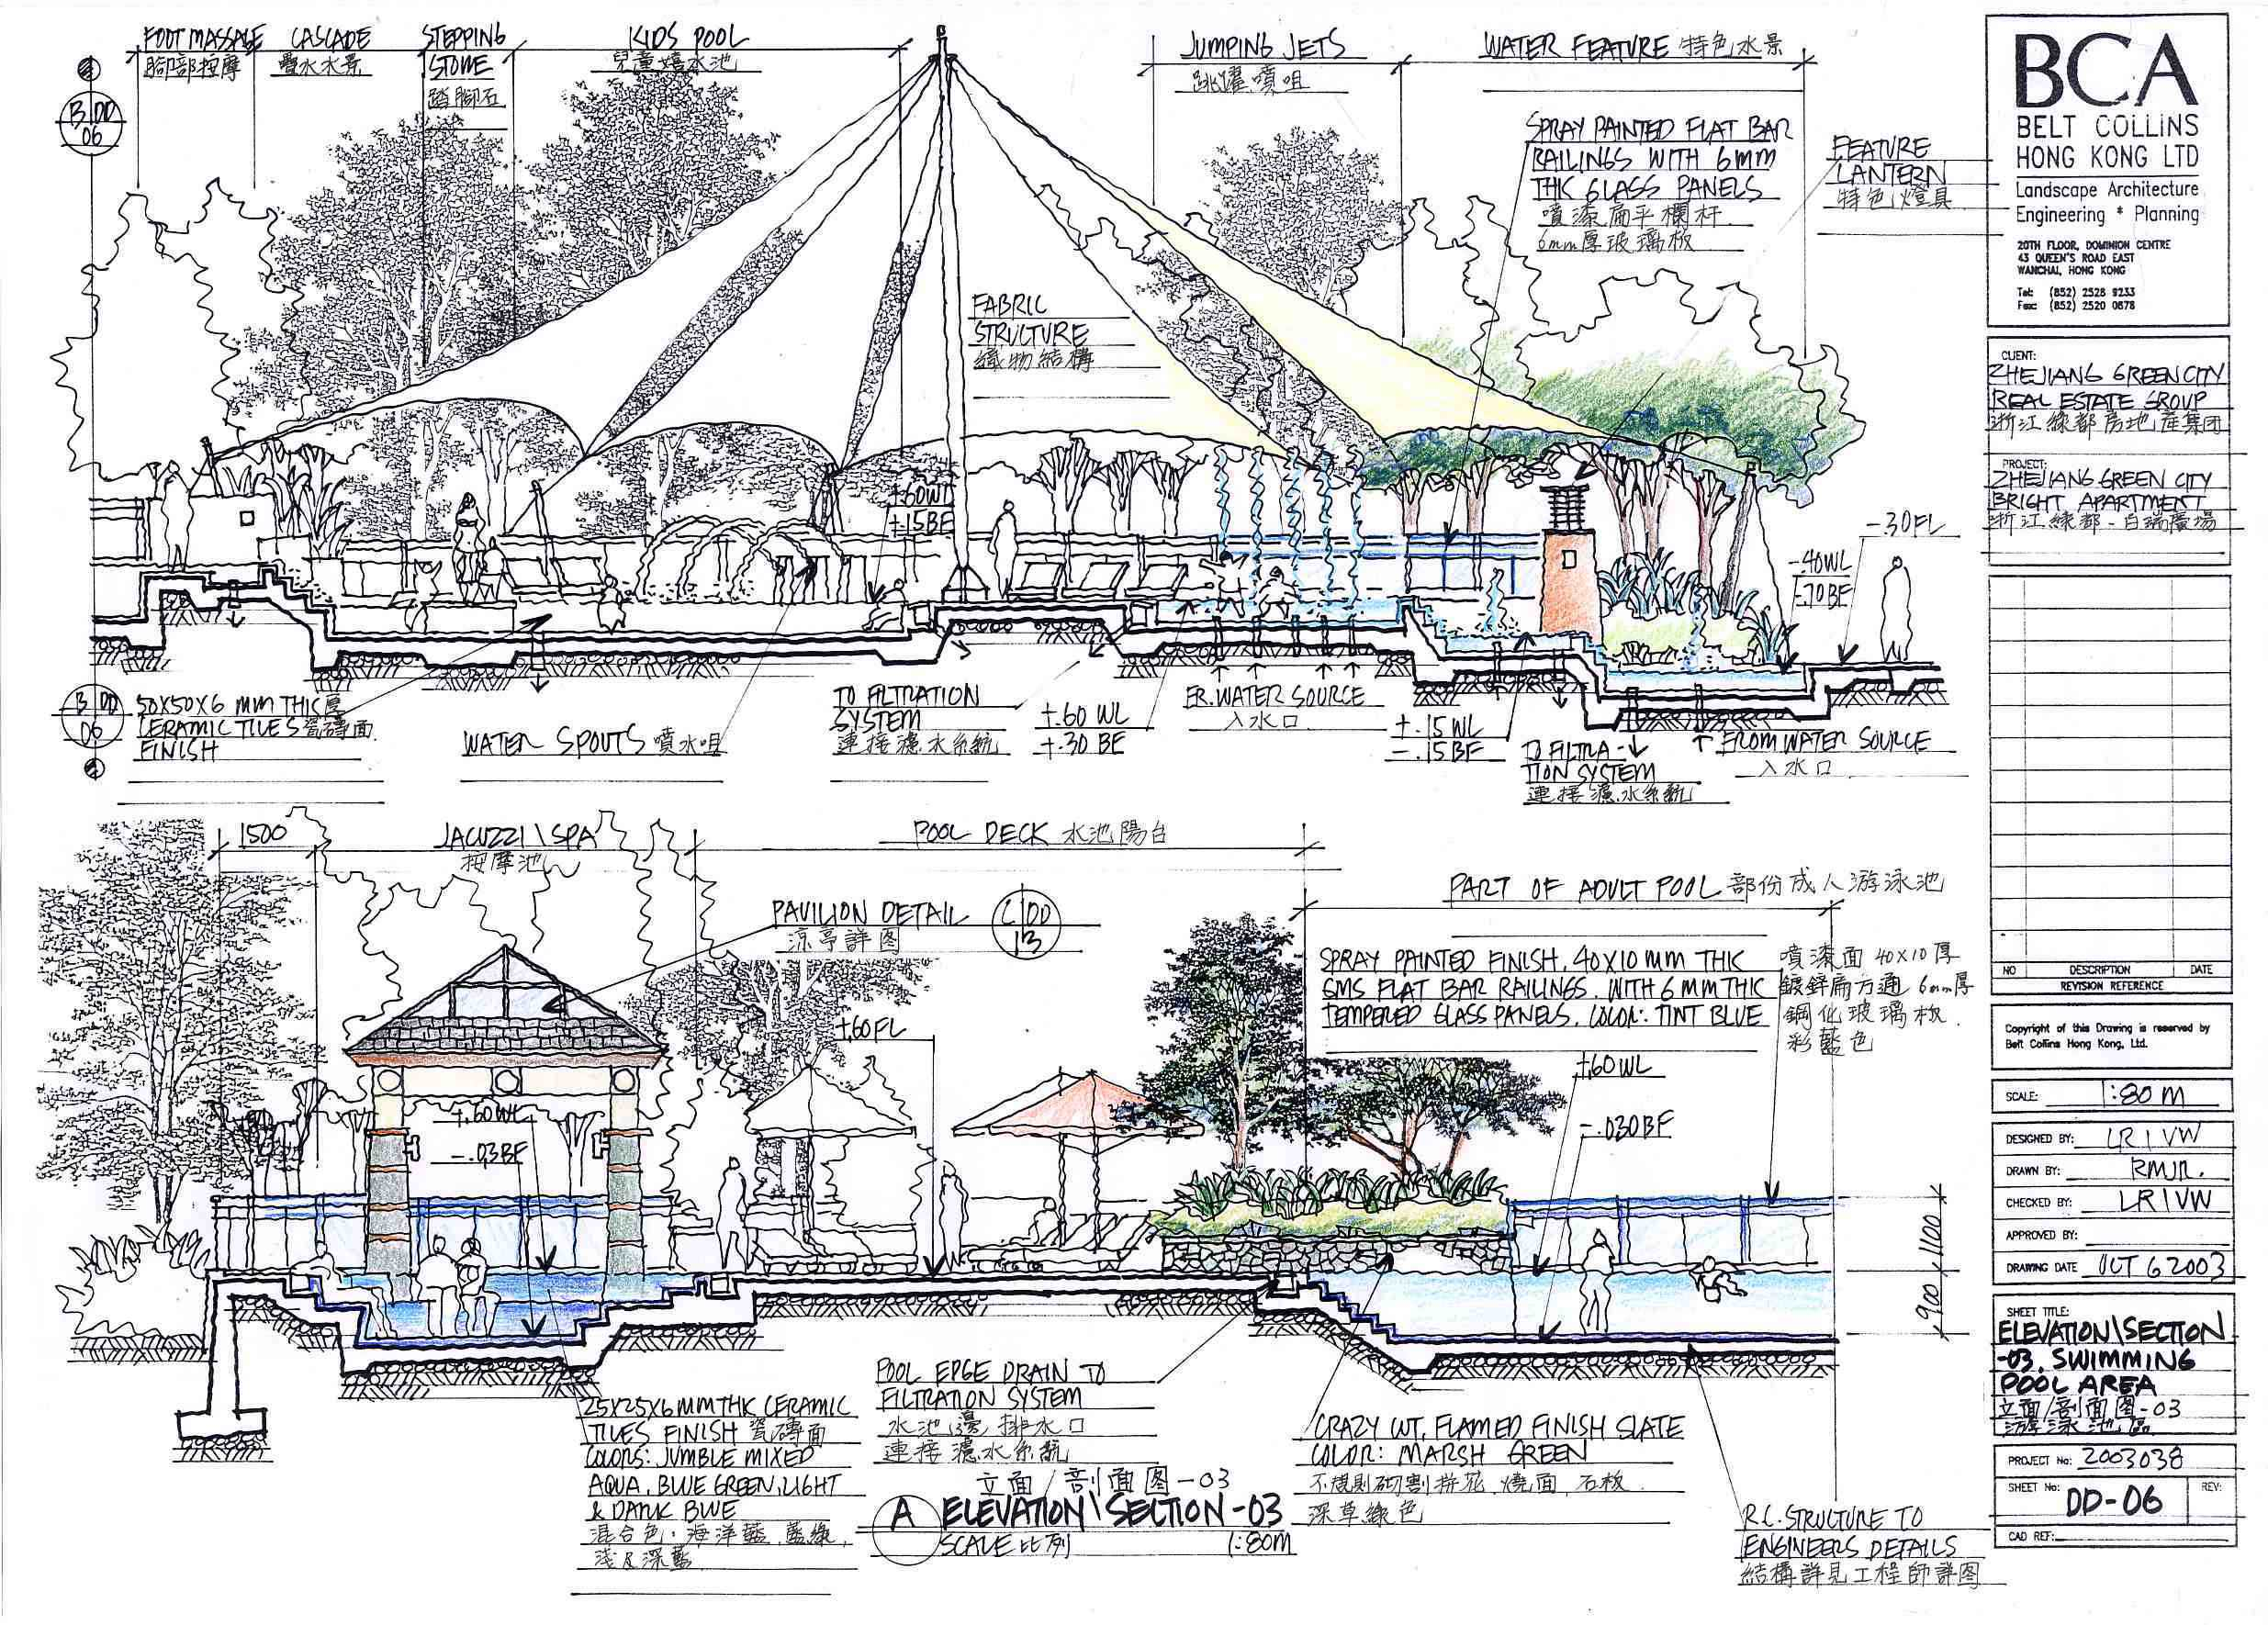 经典景观园林手绘及设计施工图; (bca贝尔高林)浙江绿都百瑞广场